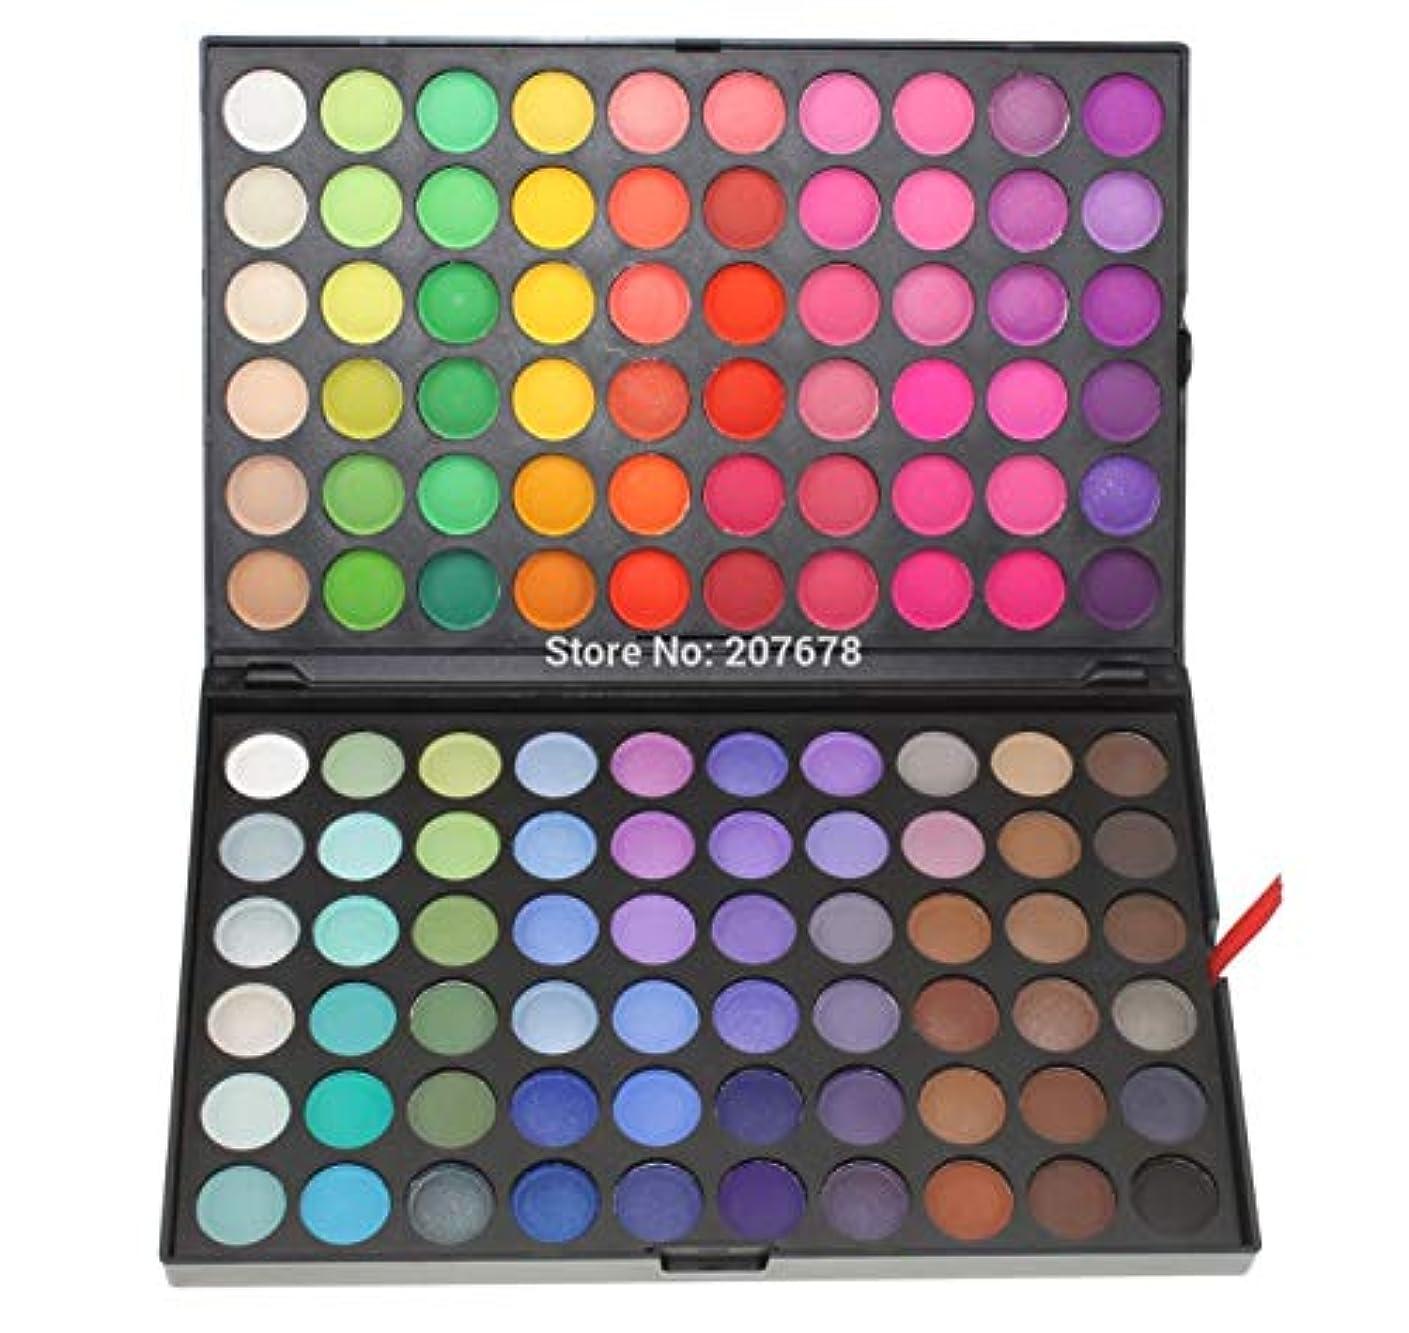 批判的羊丈夫120 Color EyeShadow Pallete Long-lasting Makeup Eye Shadow Waterproof Beauty Matte Minerals Cosmetics Set Eyeshadow